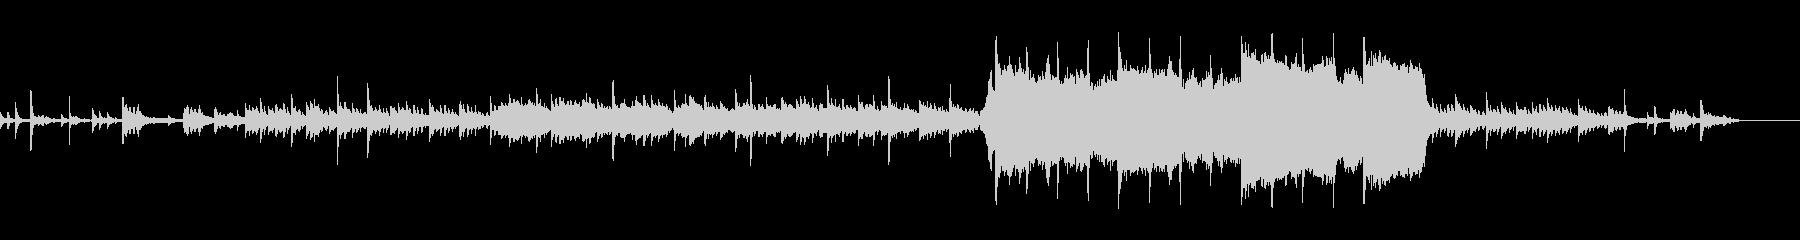 チェロとオルゴールの幻想的なBGMの未再生の波形